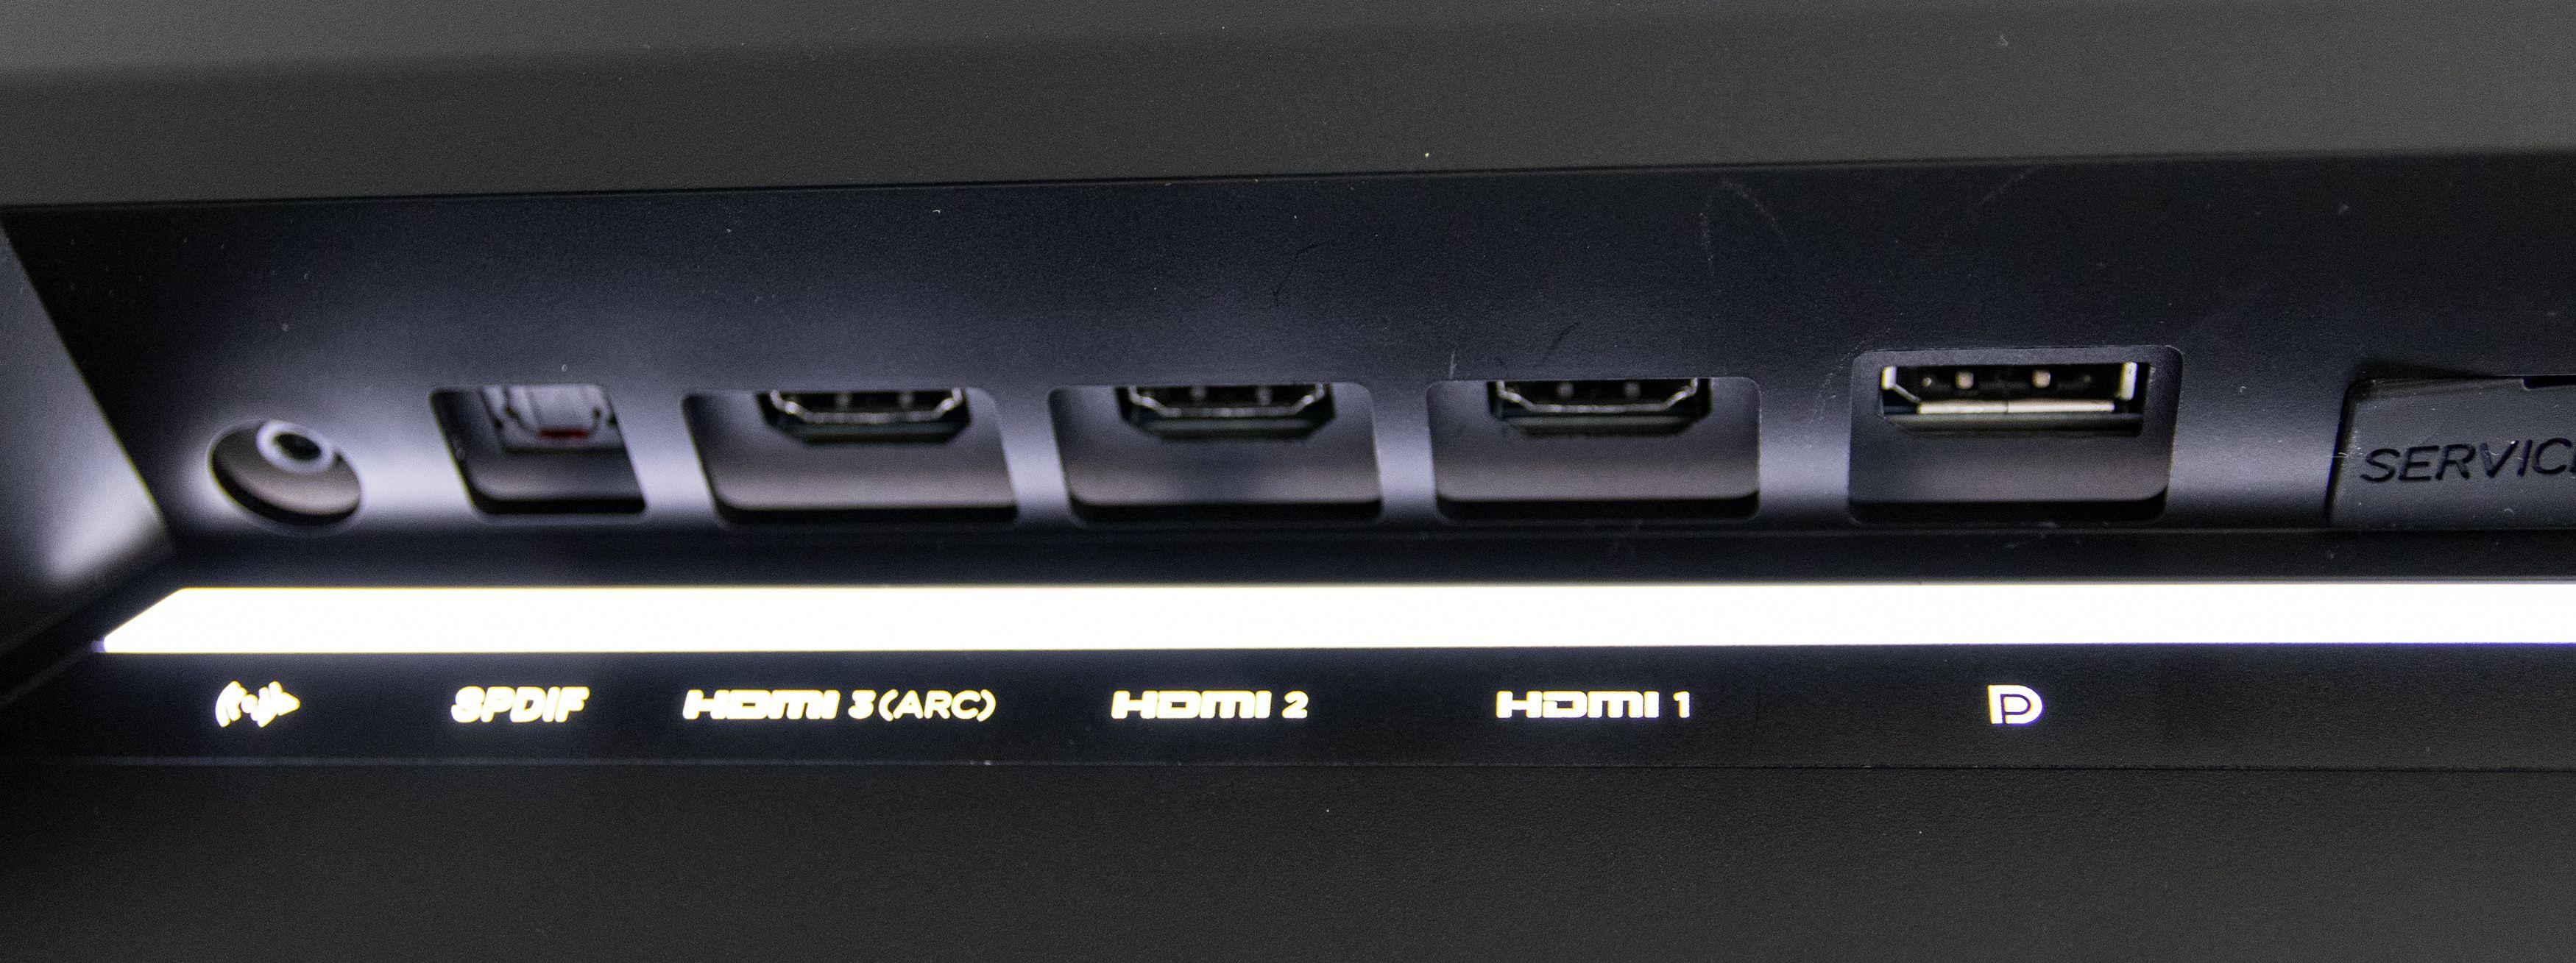 Skjermen har både inngang for DisplayPort og HDMI, samt optisk lyd. En artig detalj er at disse lyses opp når hånden din nærmer seg, slik at det blir lett å se hvor kabler skal kobles til når det er mørkt.